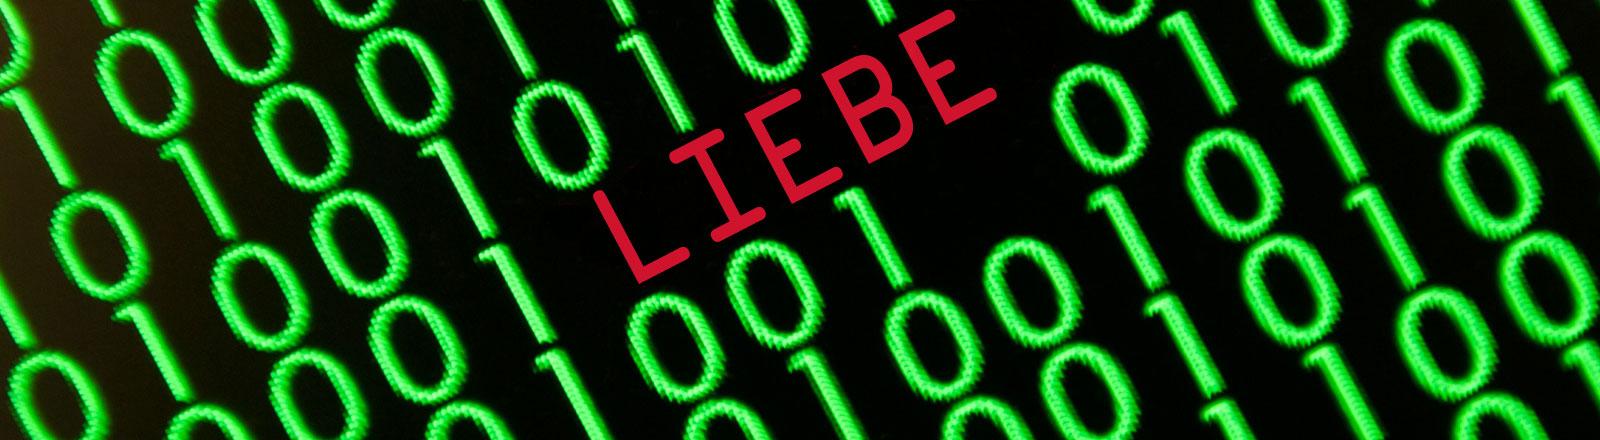 Ein Binärcode und das Wort Liebe mittendrin